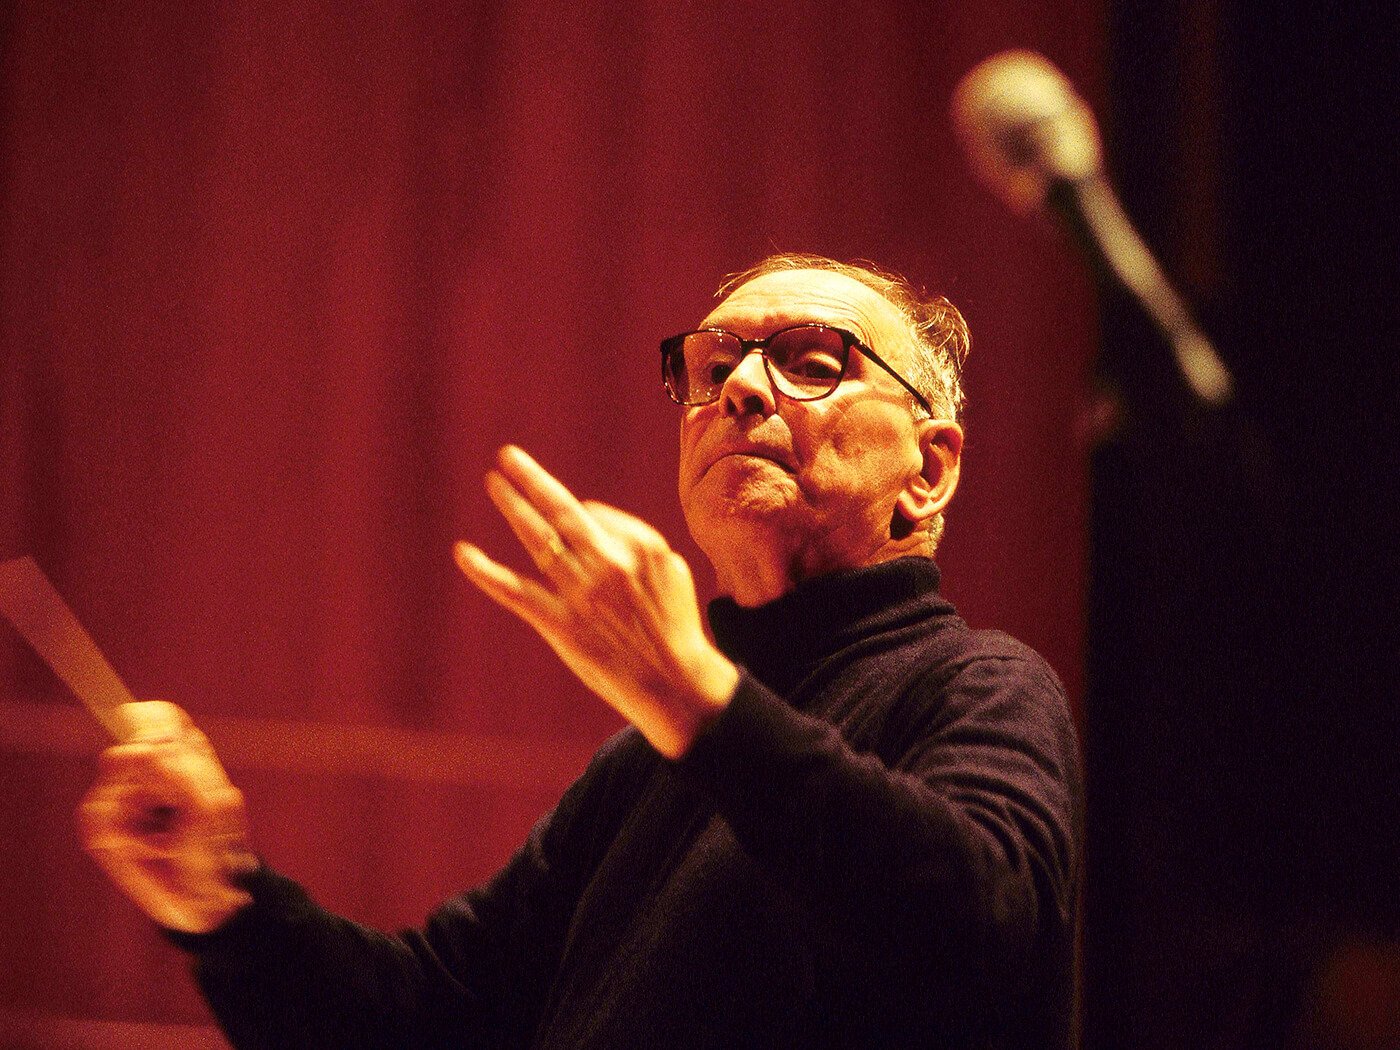 Ennio Morricone has died, aged 91